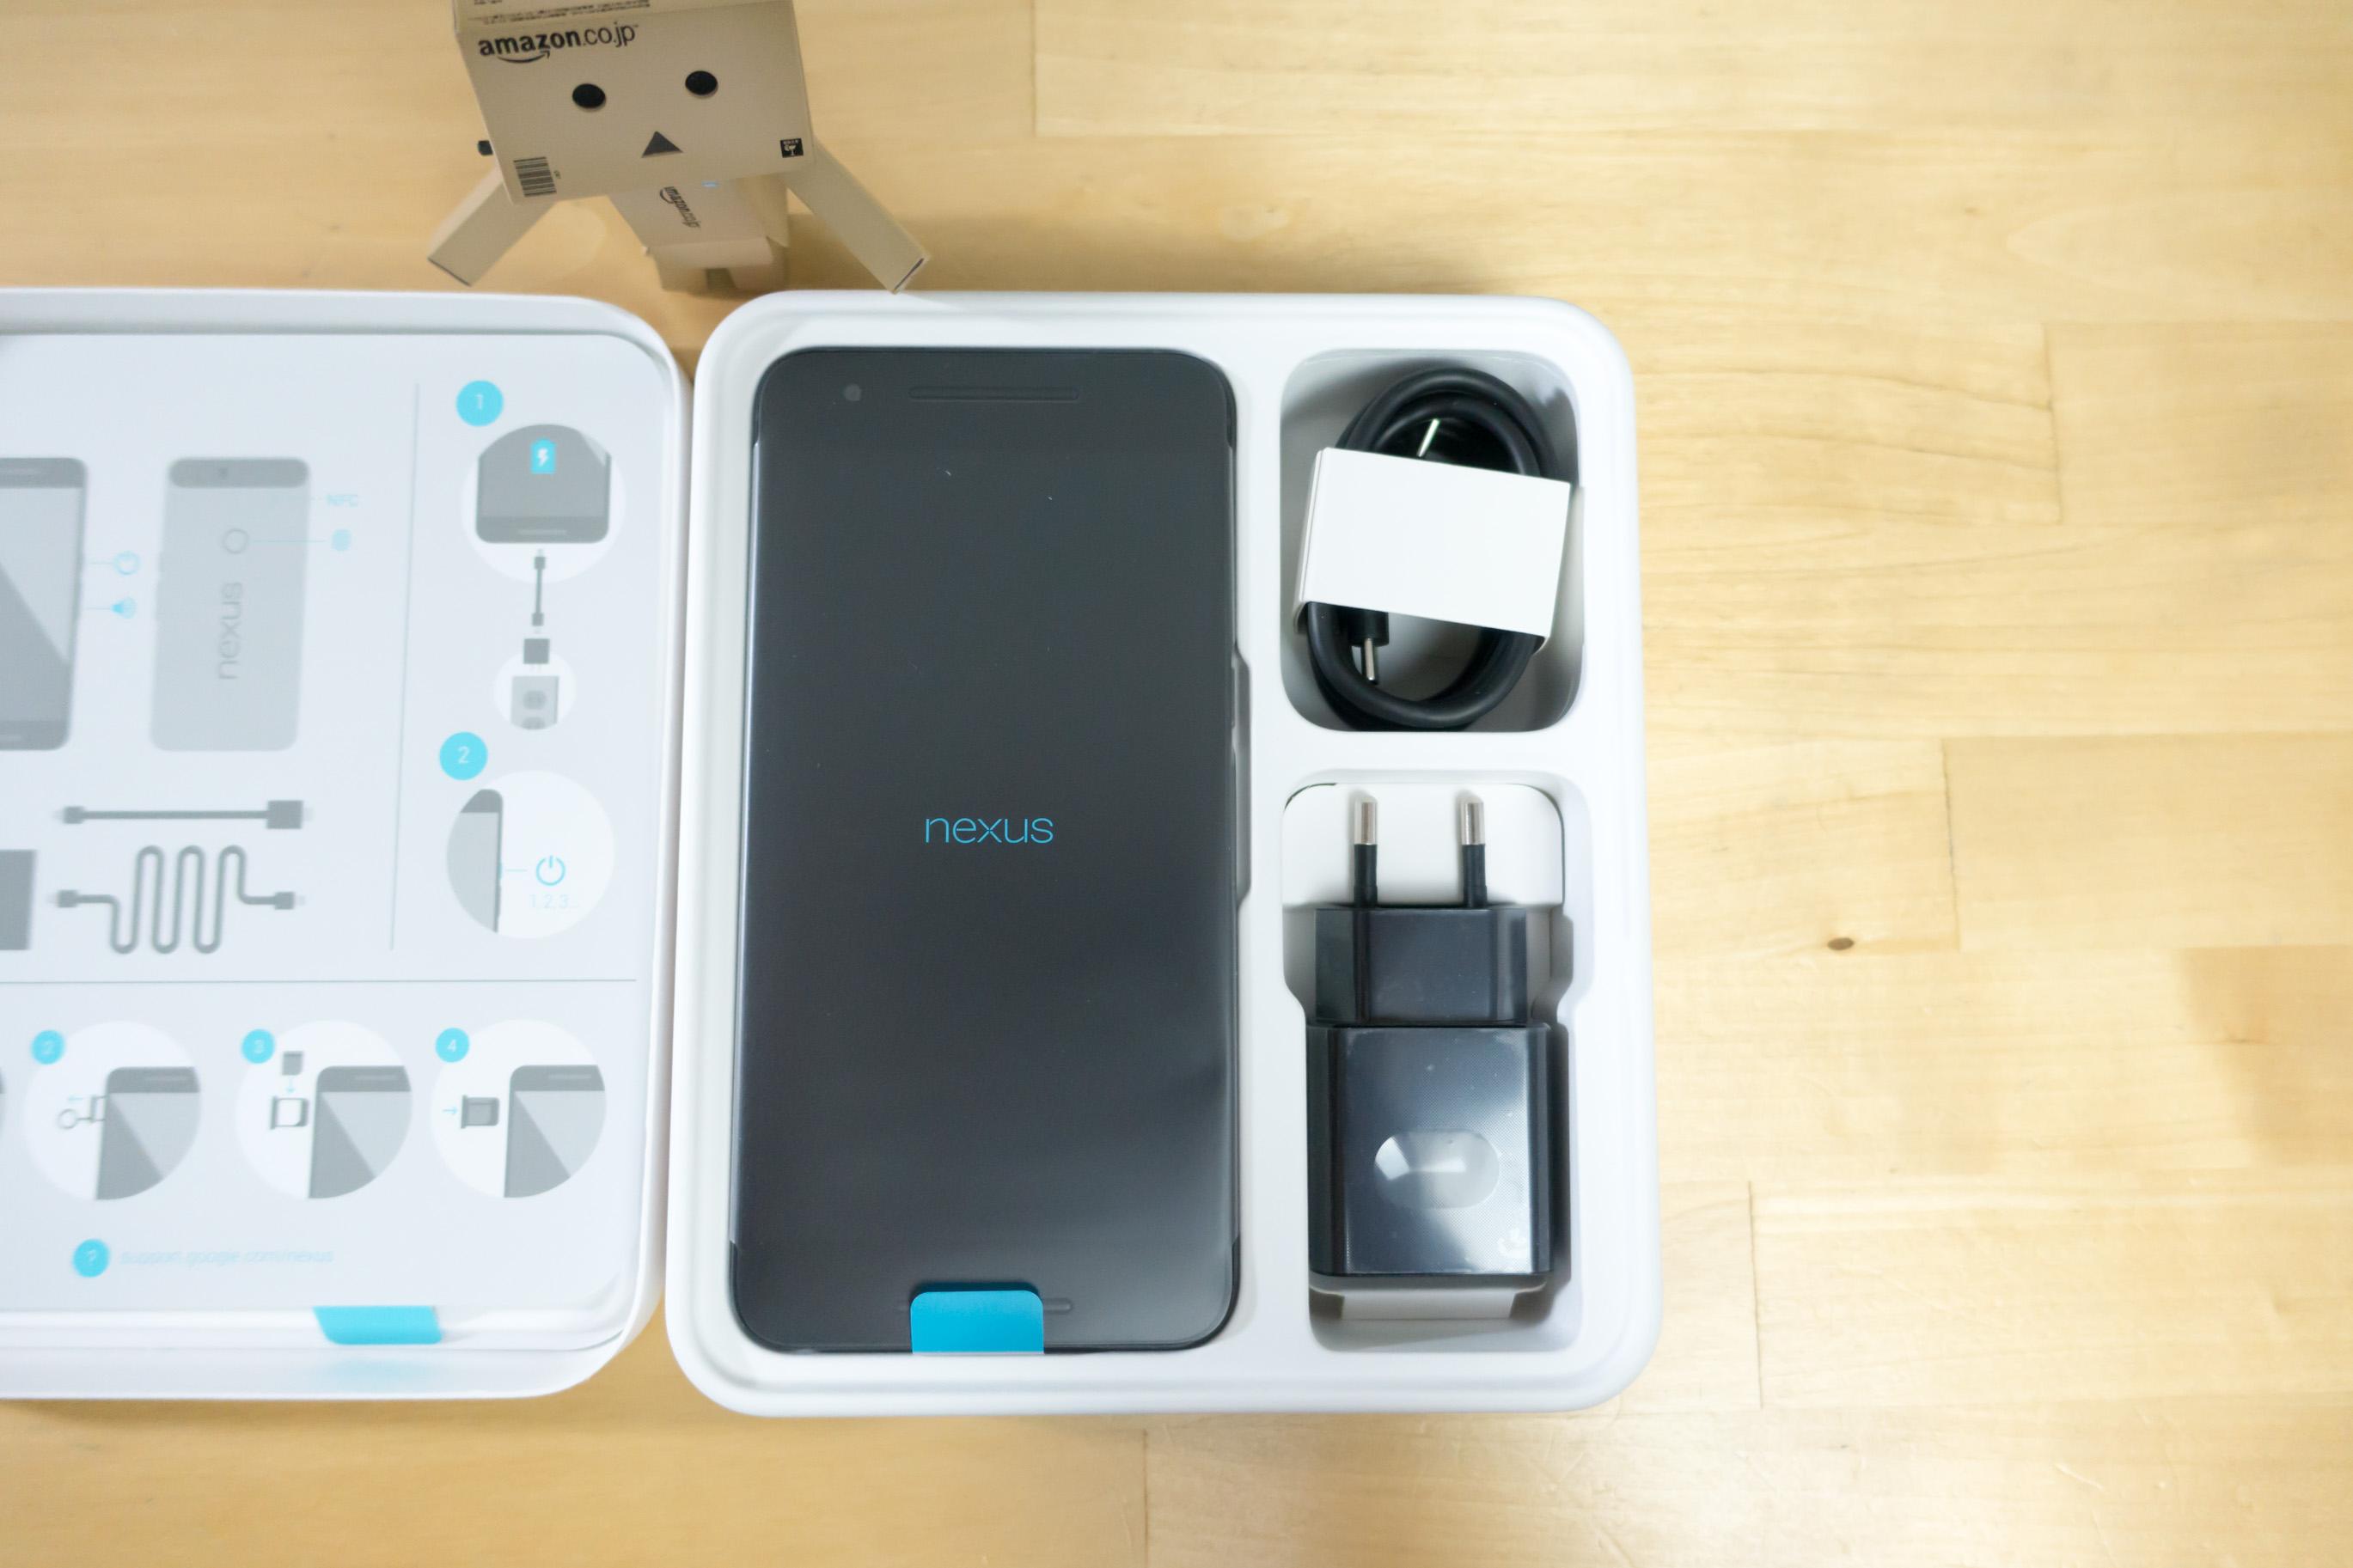 ENORME unboxing du Nexus 6P, et comparatif avec le Nexus 6